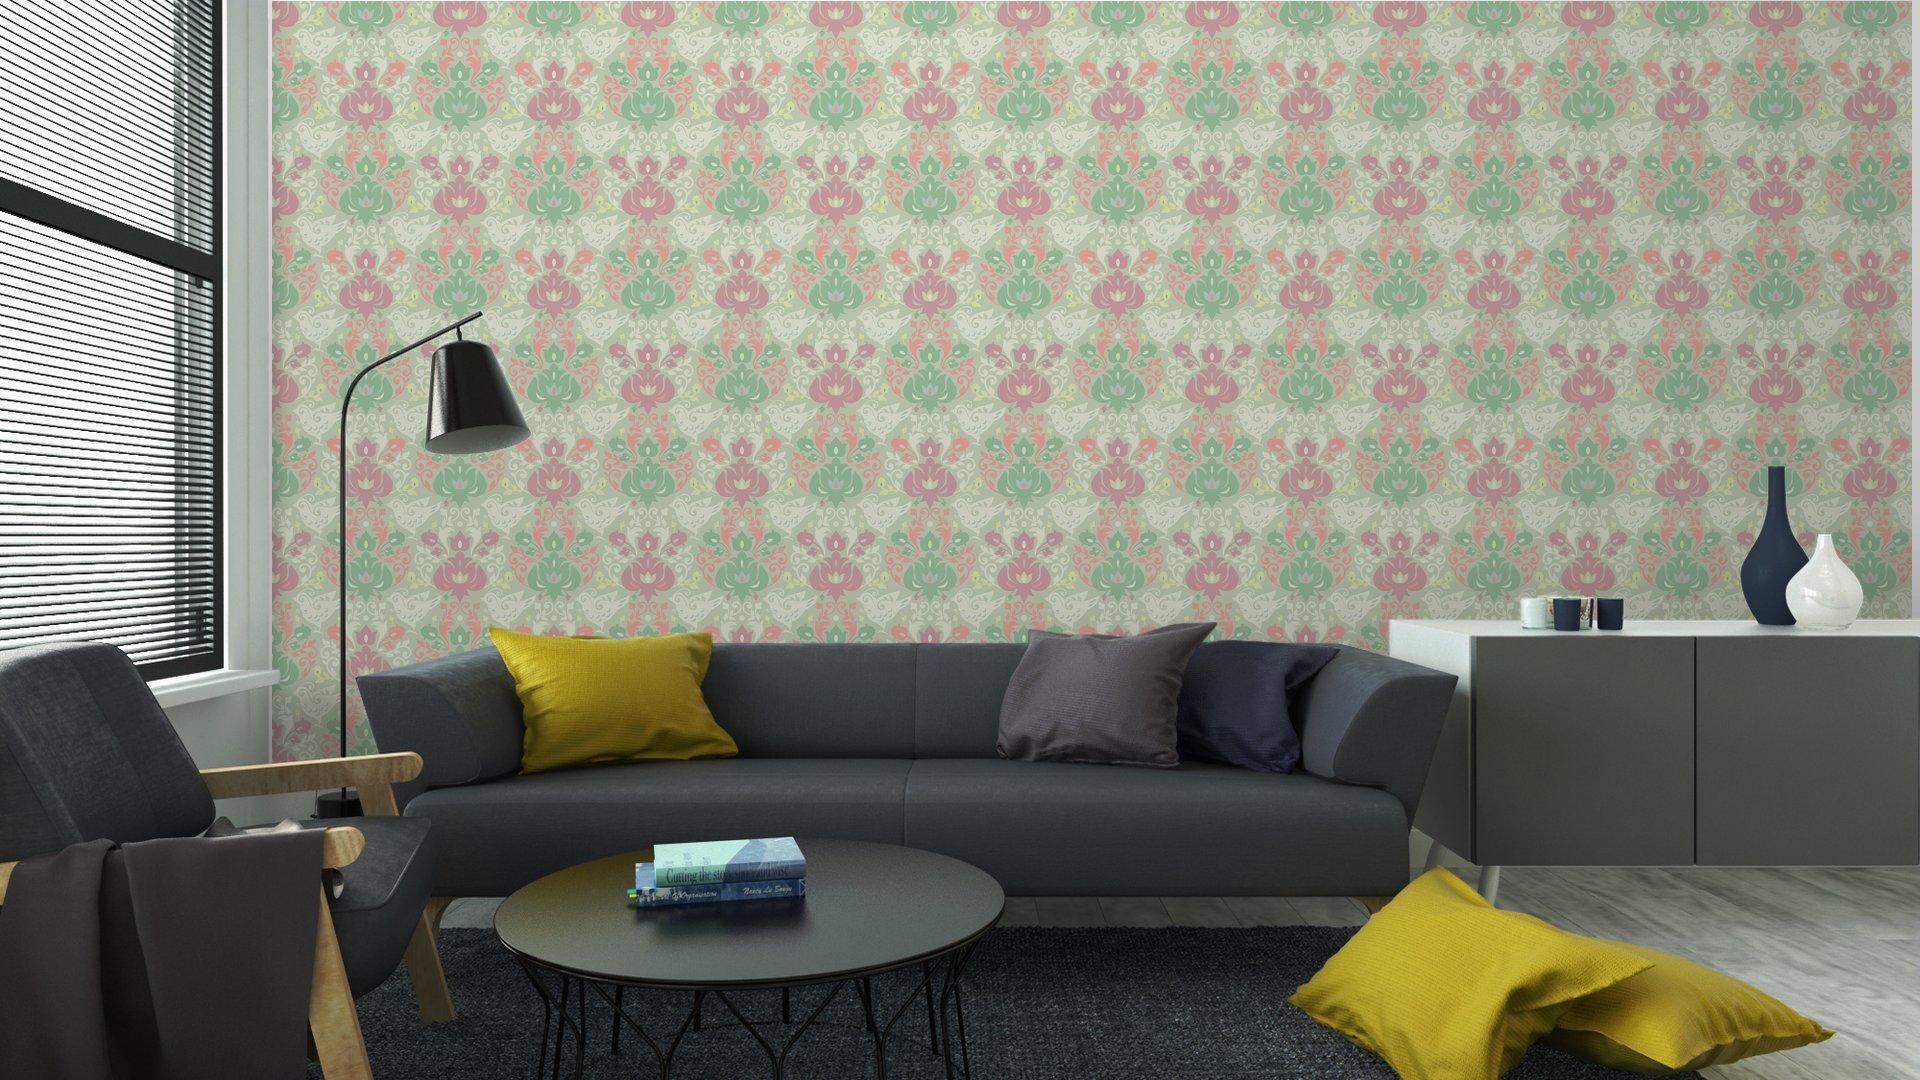 papeles pintados estilos para el salon temas categoria virtual patron abstracto sin costuras - Fotomural Tapiz Barroco Tipo Abstracto